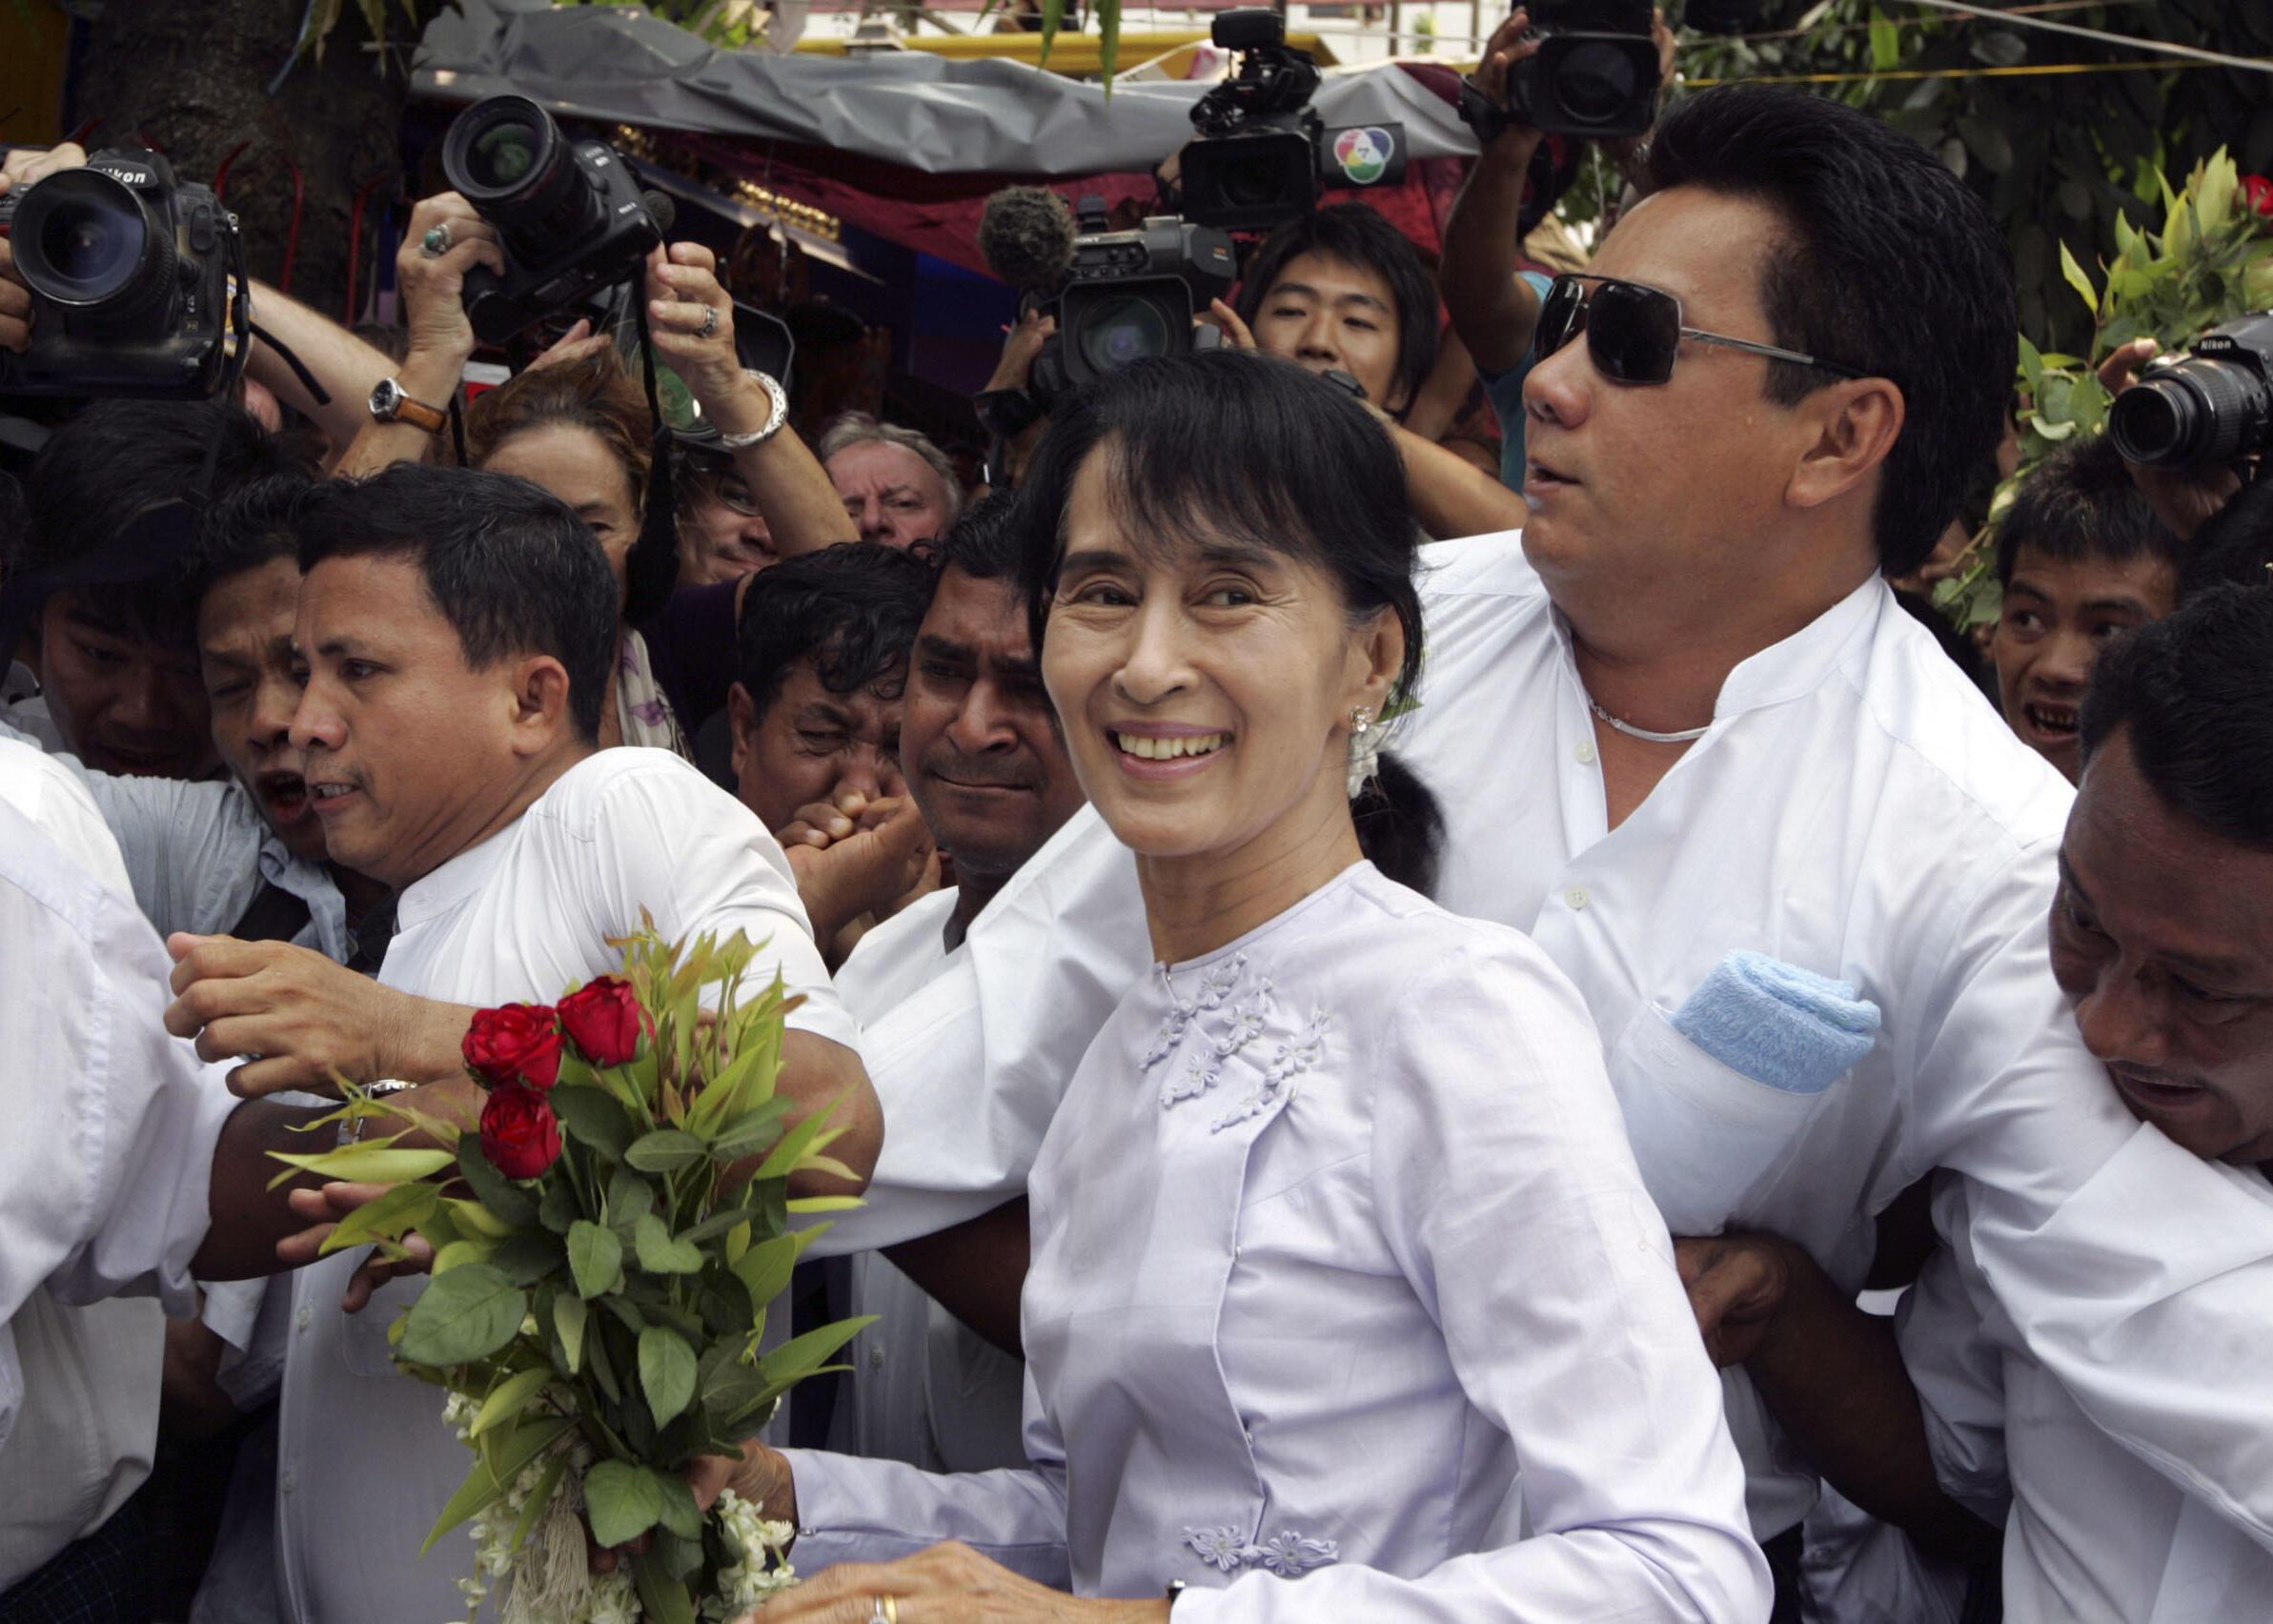 Ảnh tư liệu: Bà Aung San Suu Kyi tới trụ sở đảng Liên đoàn Quốc gia vì Dân chủ, Rangoon, Miến Điện, ngày 02/04/2012.